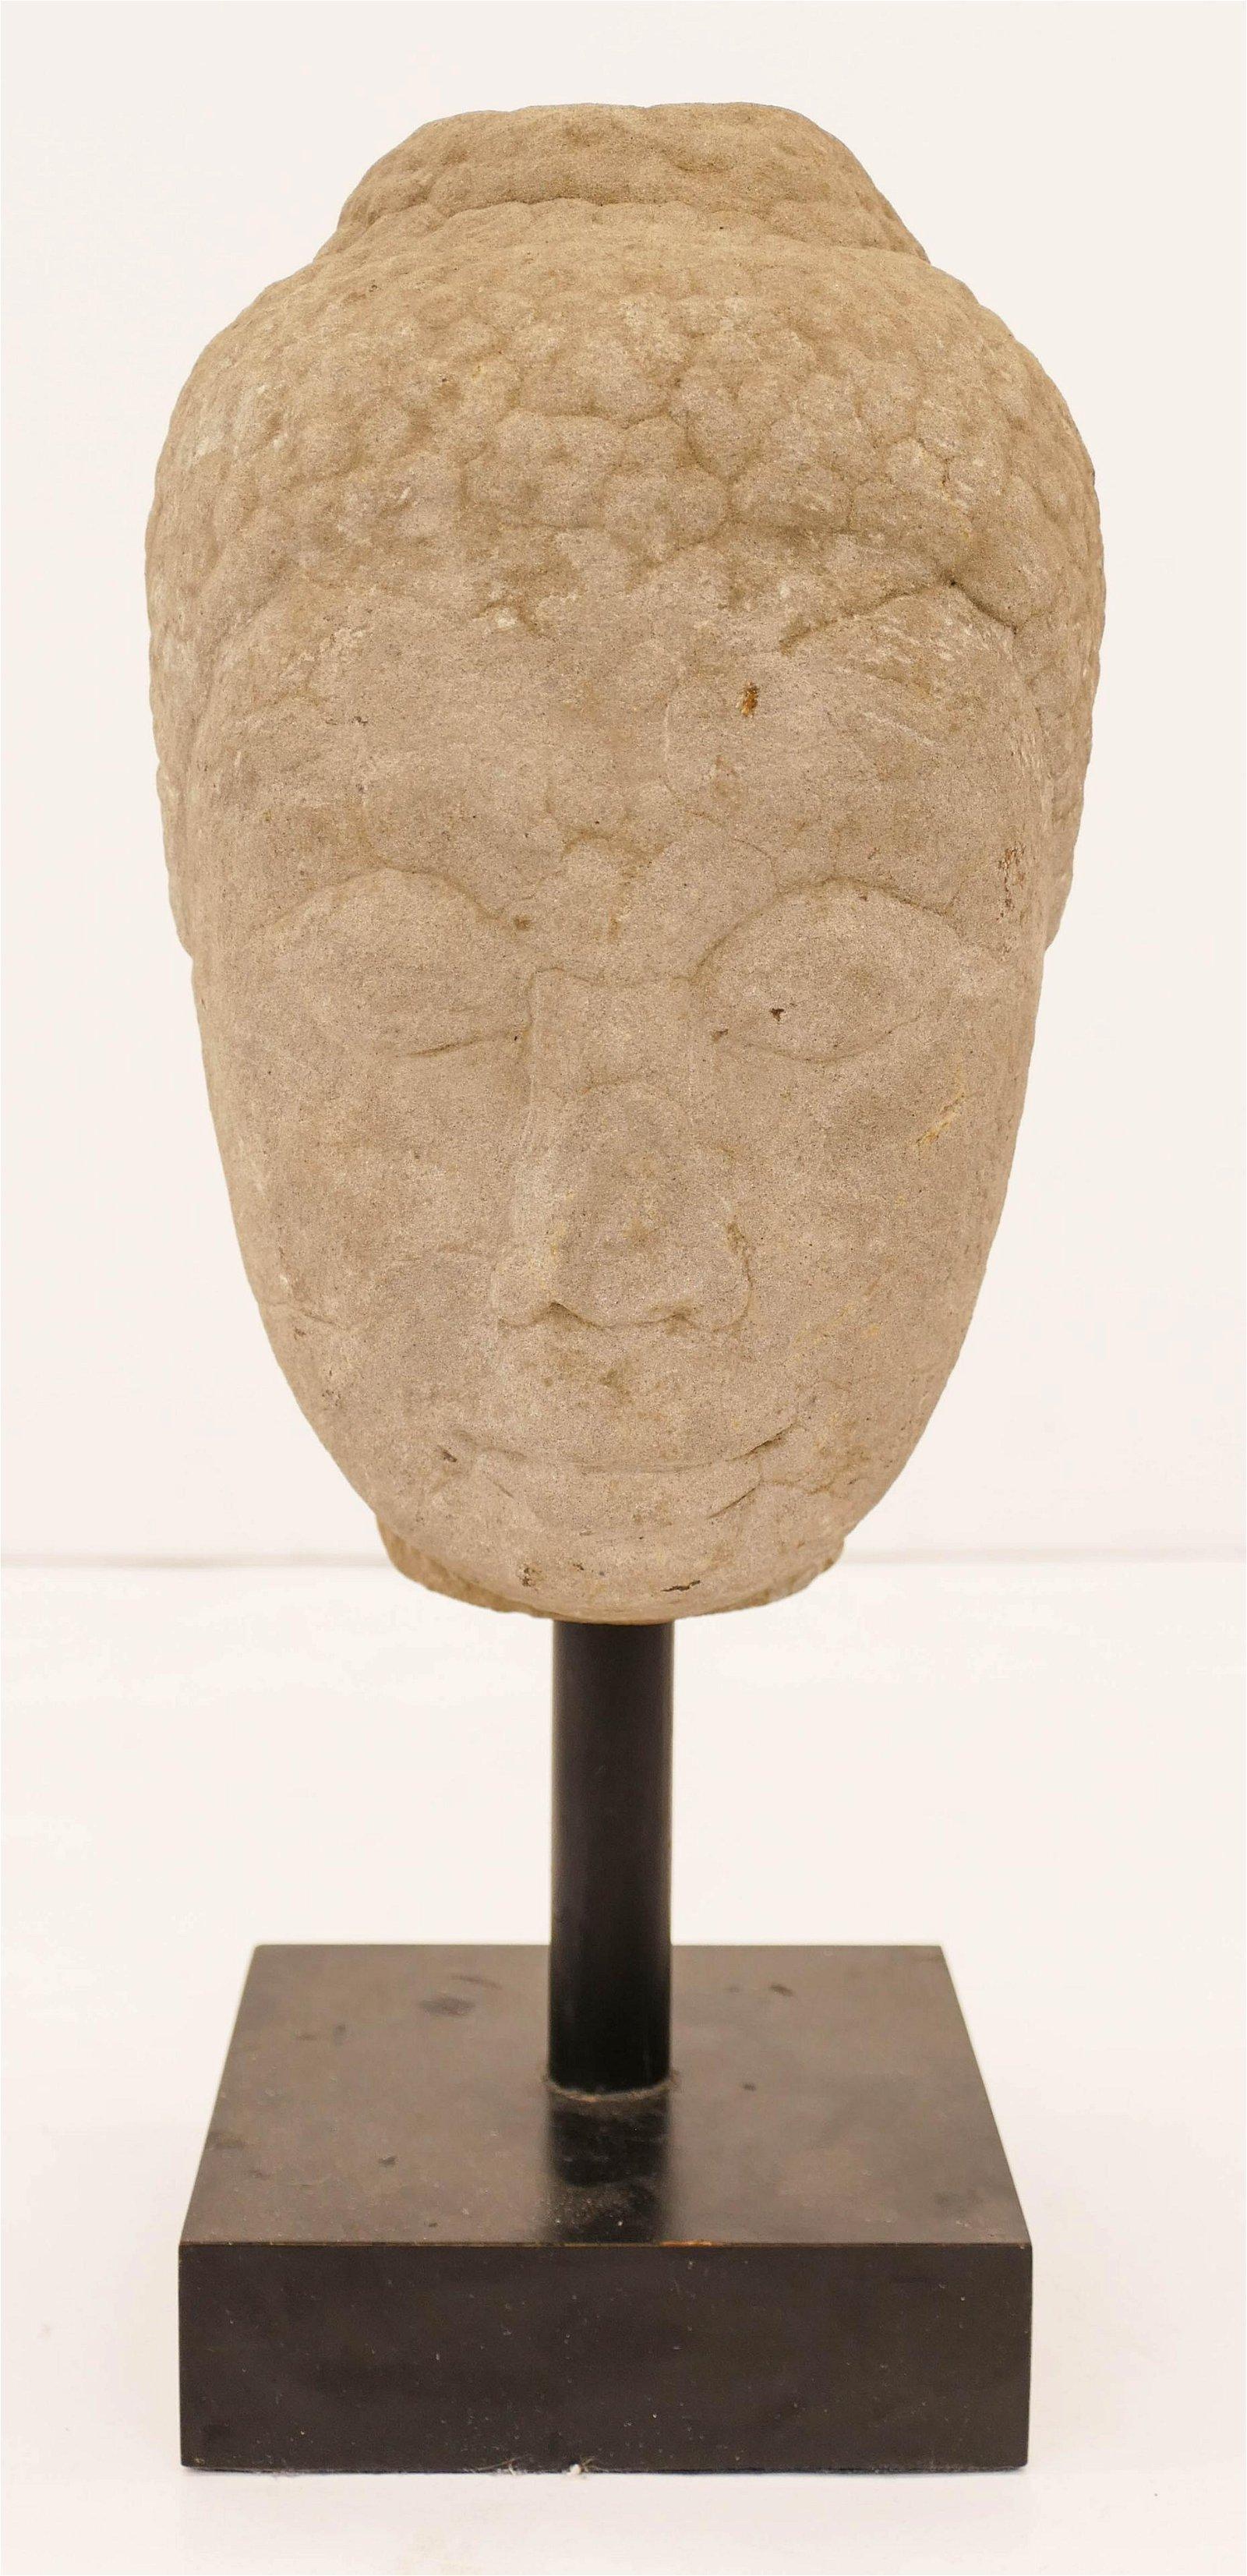 Thai 16th Cent. Stone Buddha Head on Stand 14''x6''. A